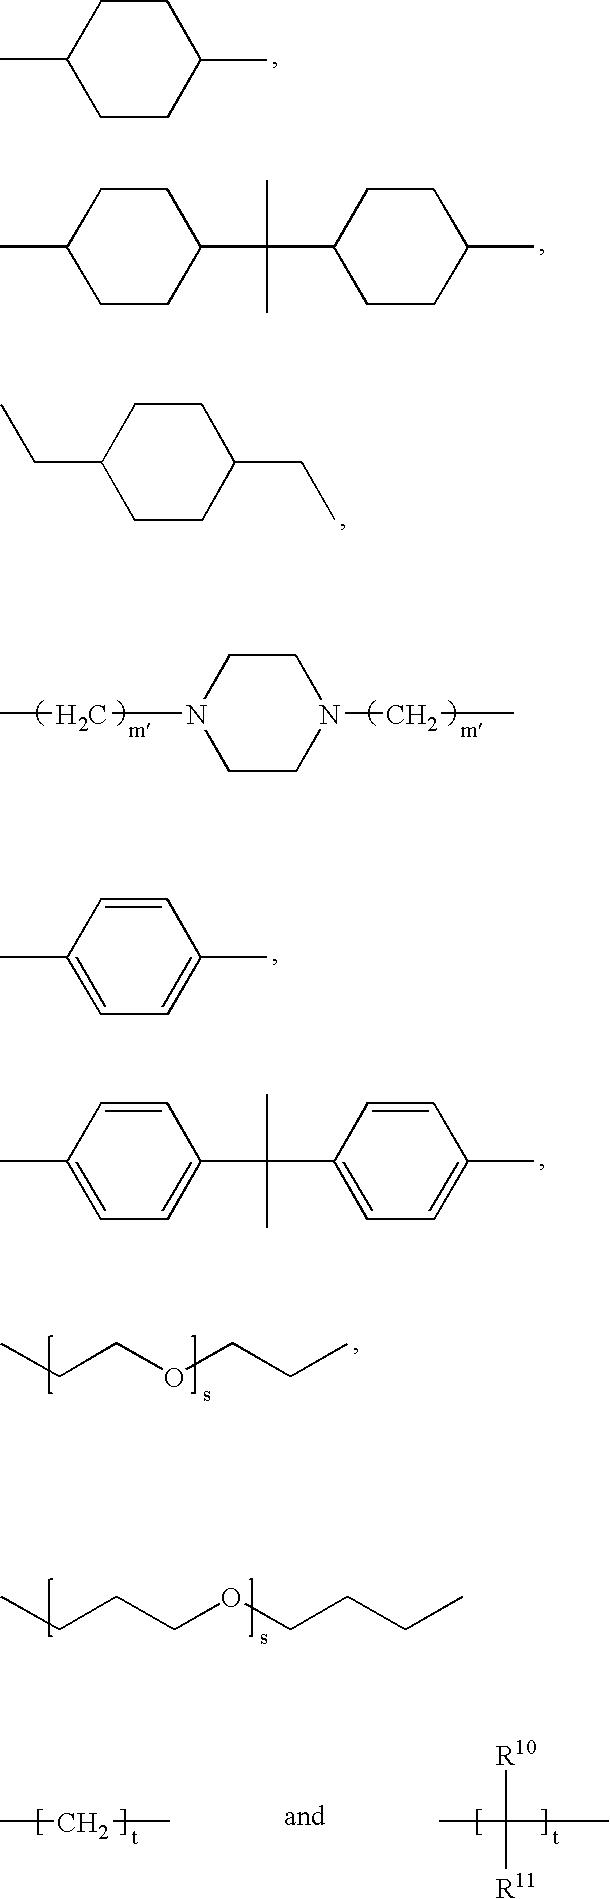 Figure US20060235084A1-20061019-C00091